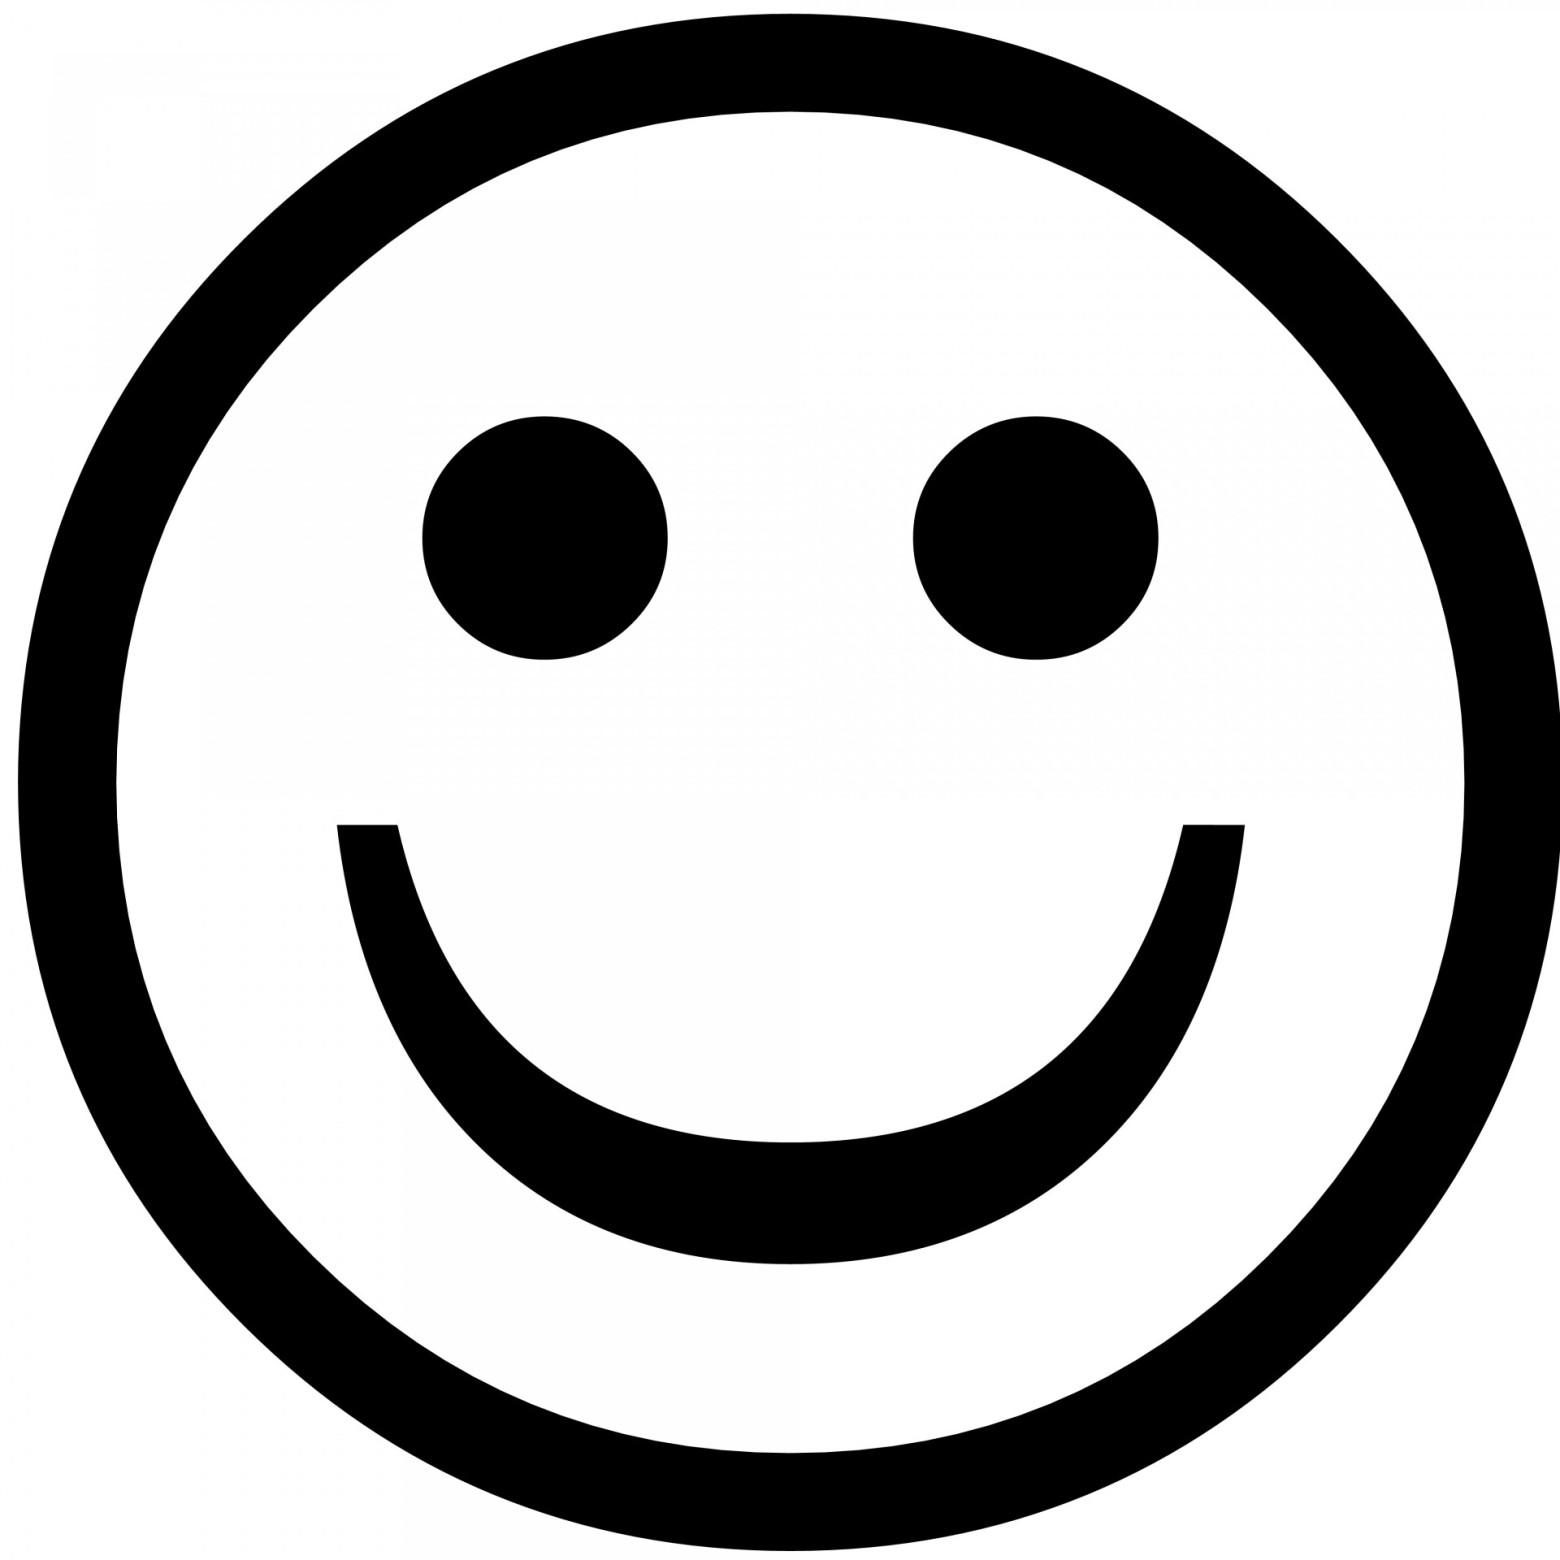 Ic ne moticone smiley images gratuites et libres de - Smiley en noir et blanc ...